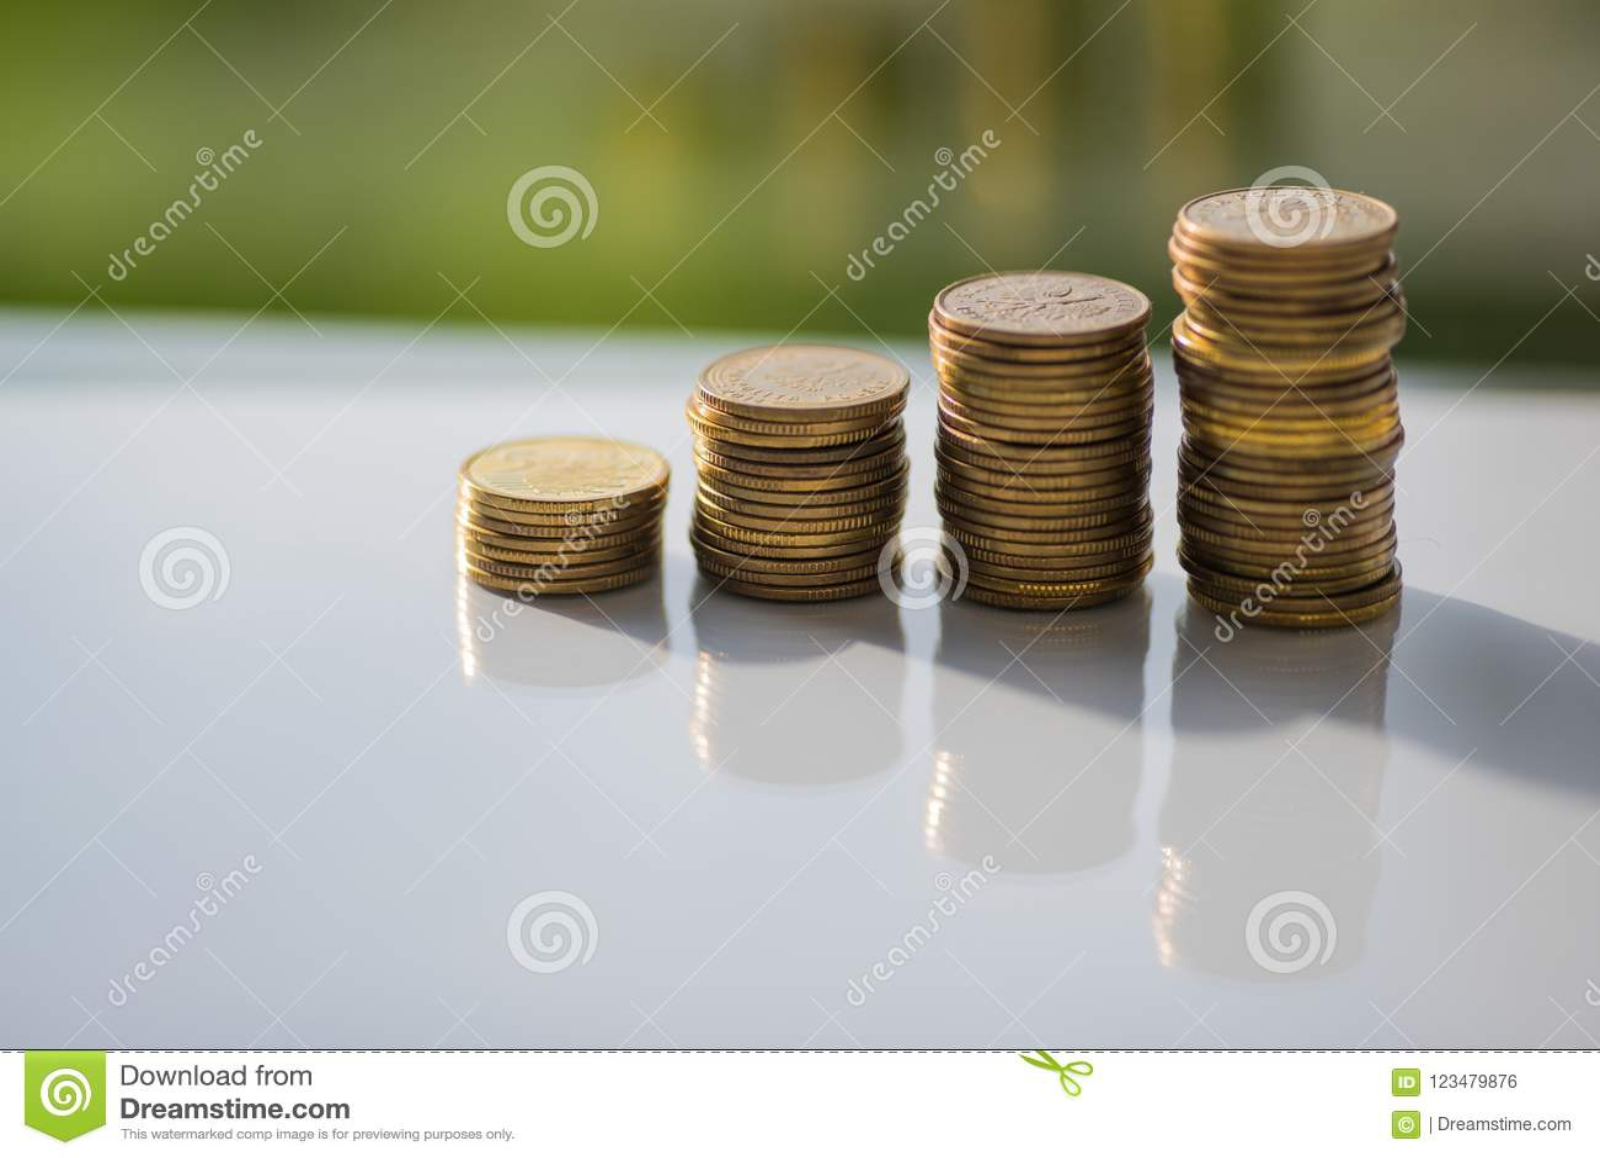 Pila de monedas con reflexiones en la tabla blanca